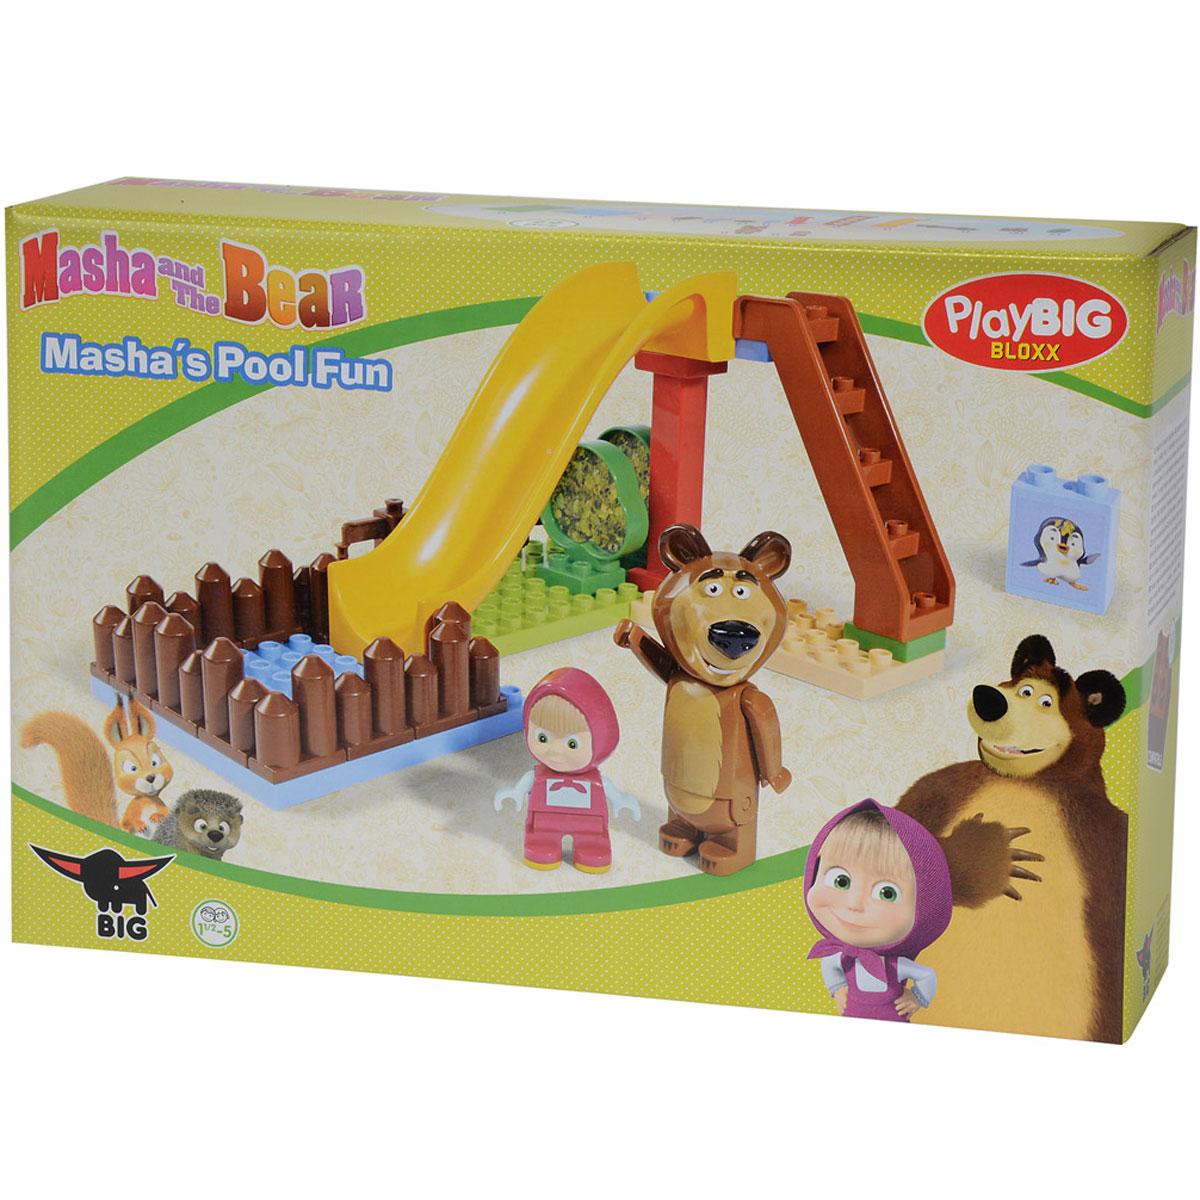 Big Конструктор Маша и Медведь Бассейн800057094Конструктор BIG Маша и Медведь относится к серии, посвященной героям известного мультфильма. Малыши смогут собрать игрушечный бассейн и поиграть с персонажами, воспроизводя сценки из мультфильма или придумывая свои. Особенности игрушки: съемные детали устанавливаются на три прочные основания разных размеров. В комплекте есть фигурки Маши и Медведя с подвижными частями тела, а также деталь с изображением пингвиненка, в наборе предусмотрены лестница, горка и ограда для бассейна. Конструкторы развивают в детях воображение, пространственное мышление, помогают учиться последовательной работе. Конструктор состоит из 29 крупных деталей, изготовленных из прочного нетоксичного пластика. Занимаясь сборкой деталей, дети в игровом режиме учатся сосредотачиваться на выполнении заданий, быть внимательными, аккуратными. Детали конструктора совместимы с элементами Lego серии Duplo.